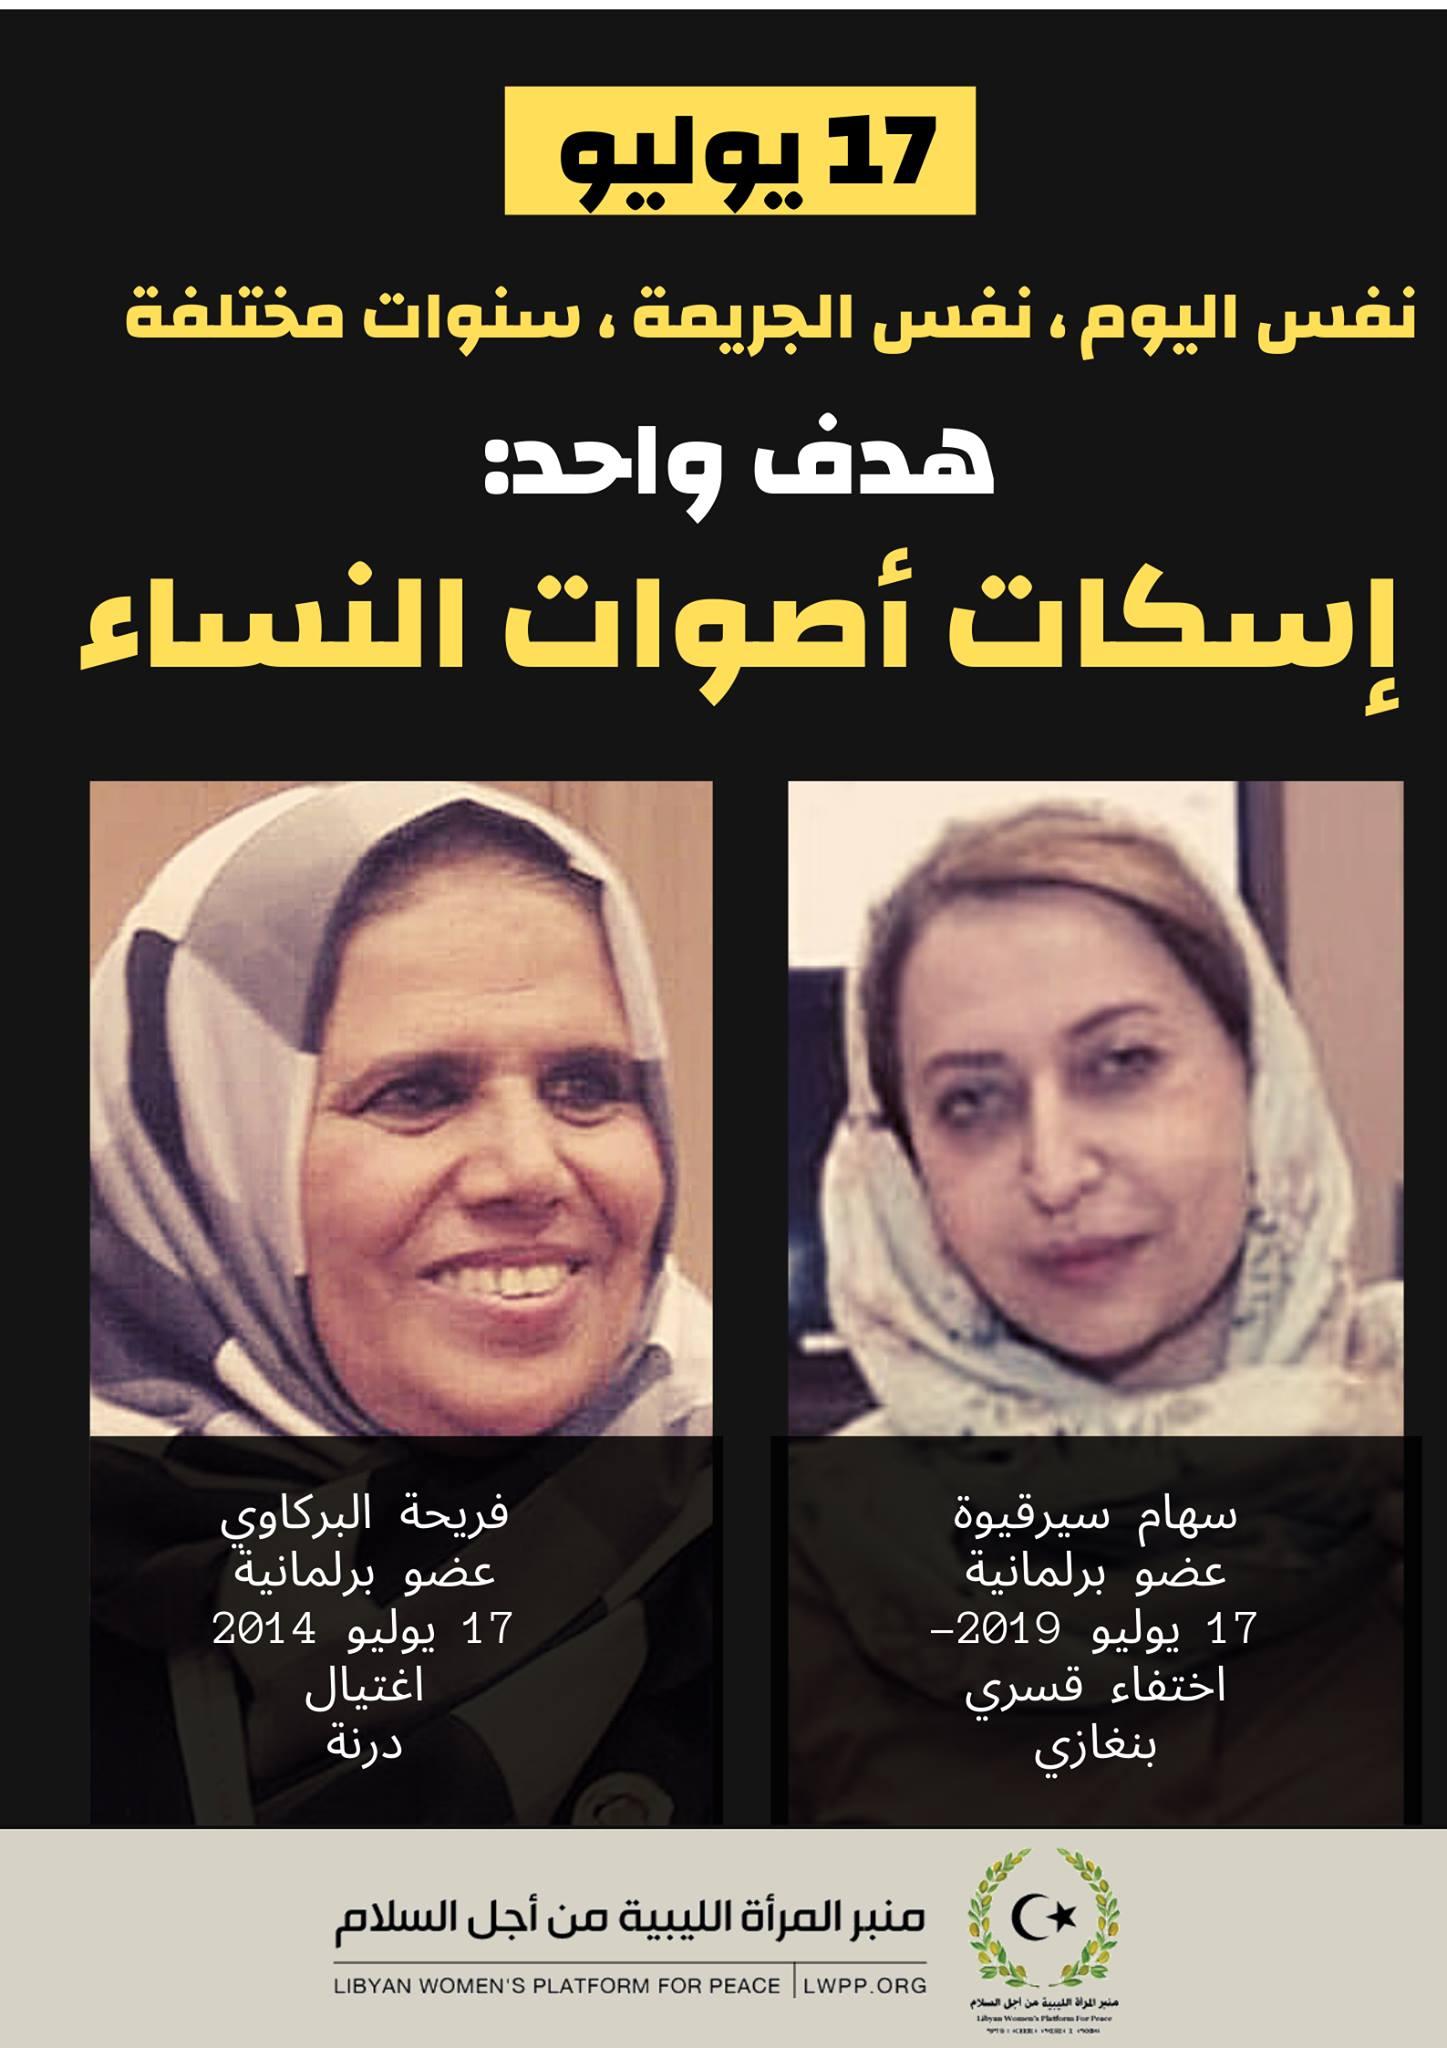 سياسيات ليبيات في دائرة الهجوم: 17 يوليو، علامة مظلمة في تاريخ المشاركة السياسية للمرأة الليبية